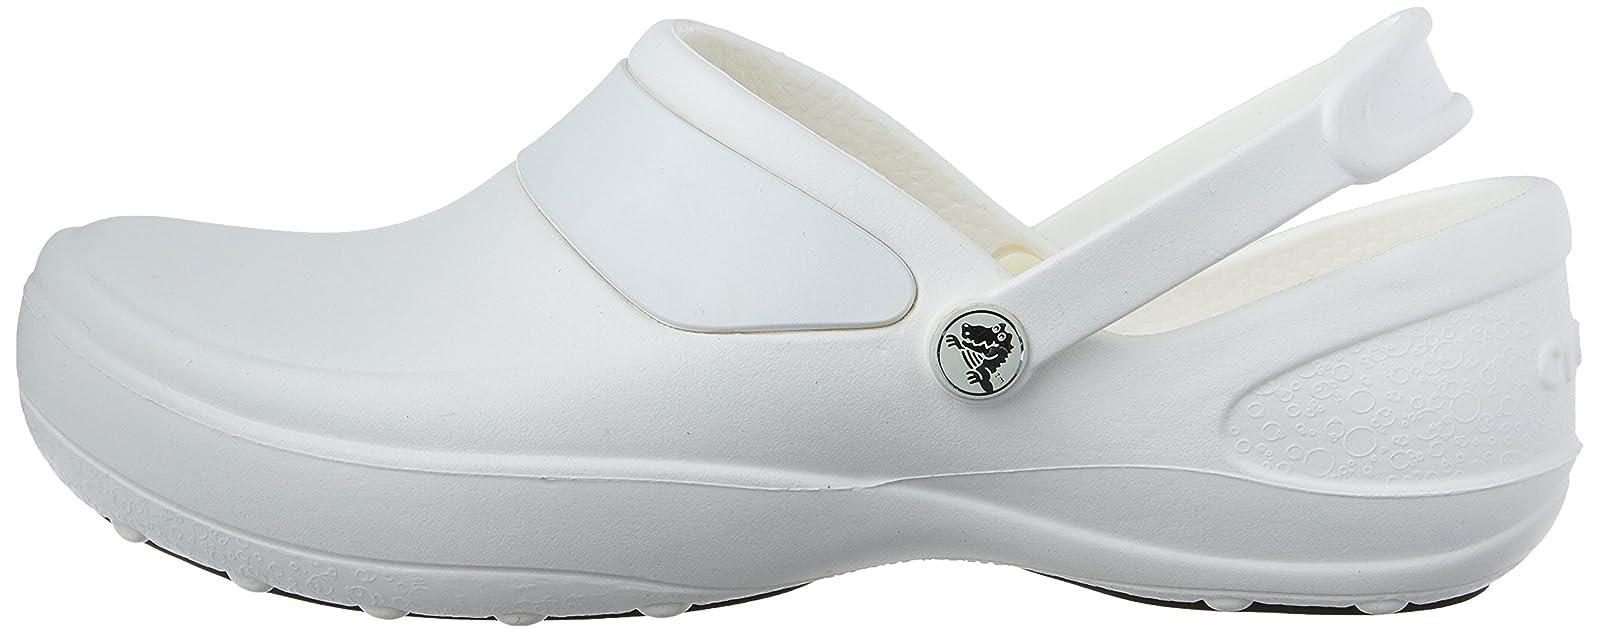 Crocs Women's Mercy Work Slip Resistant - 5